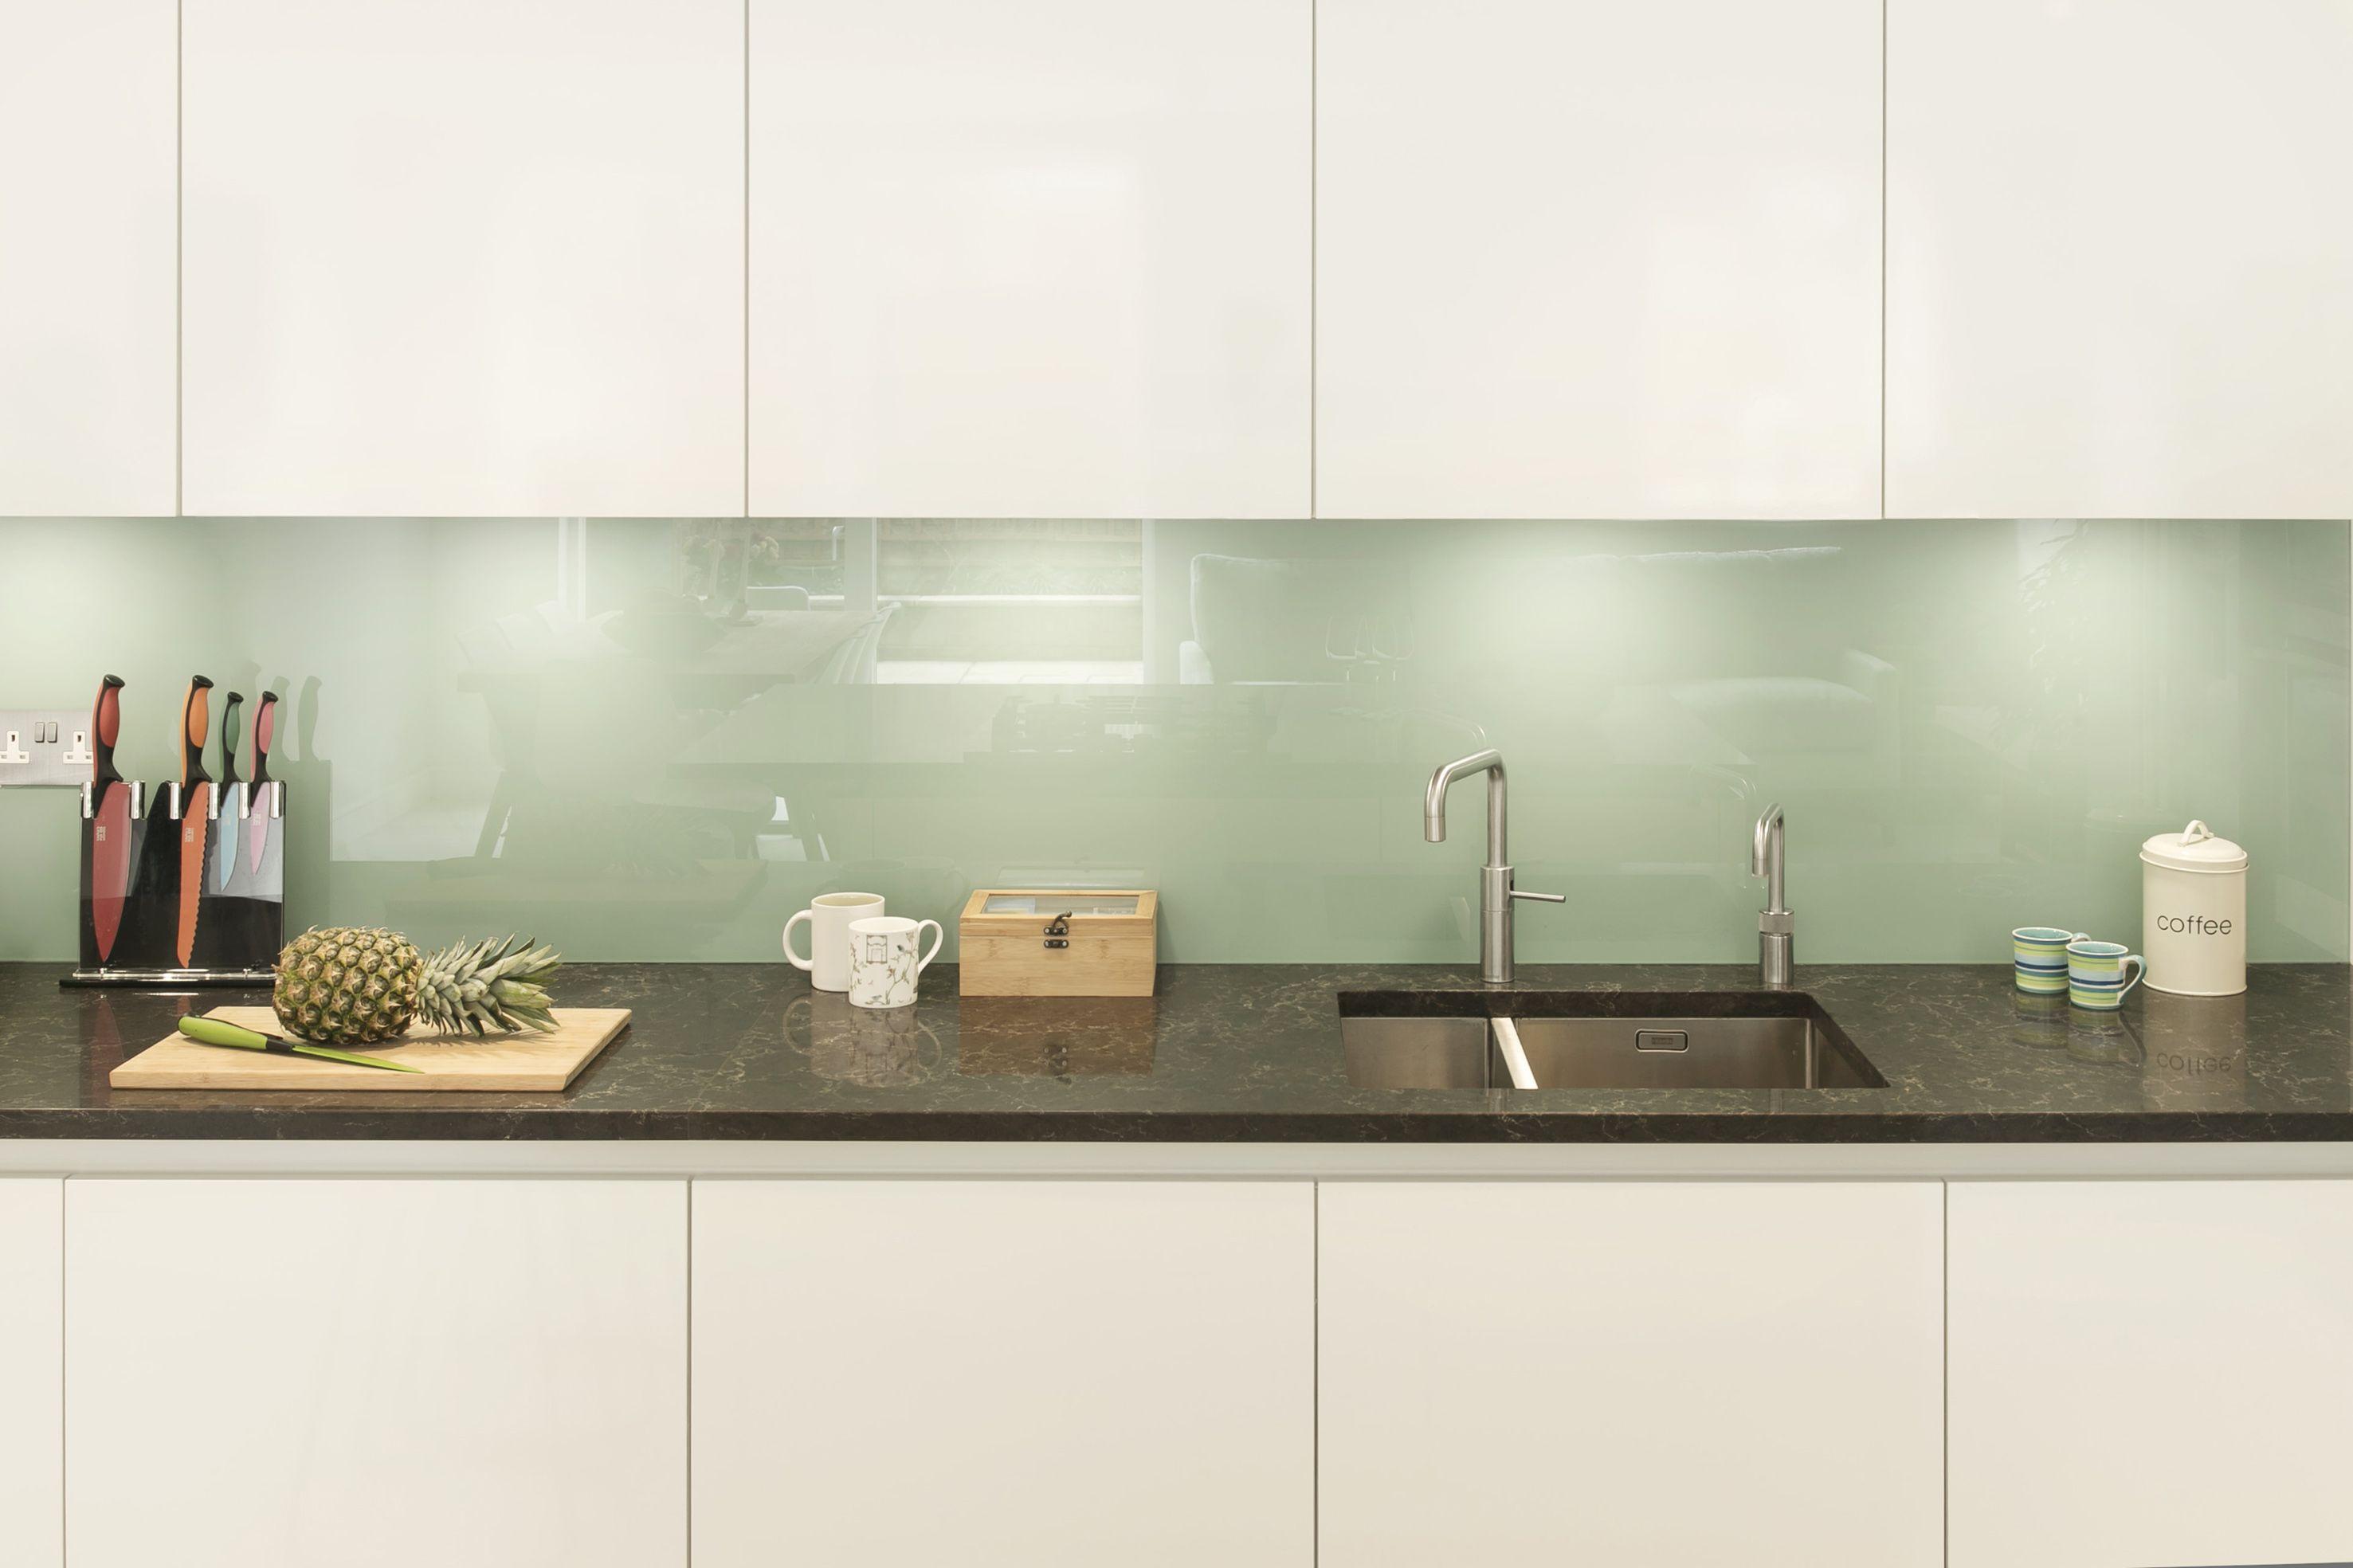 Keuken Kleur Veranderen : Een felle kleur integreren in het ontwerp van je keuken lijkt